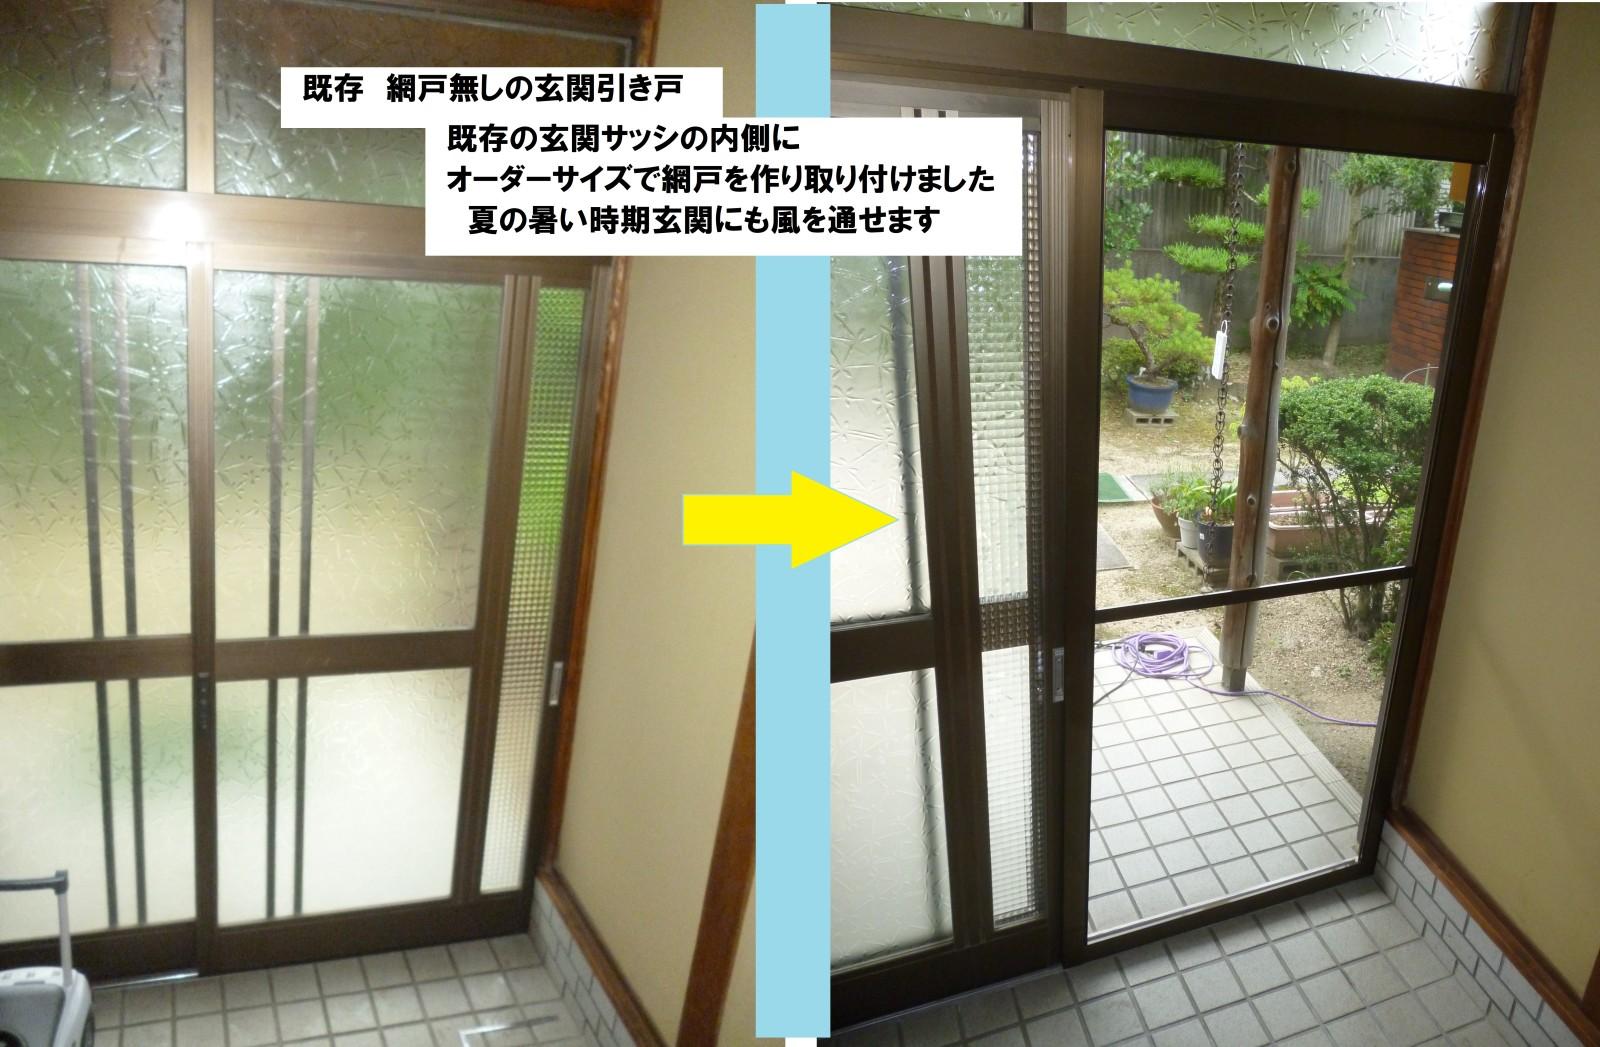 網戸の無かった玄関に網戸を後付